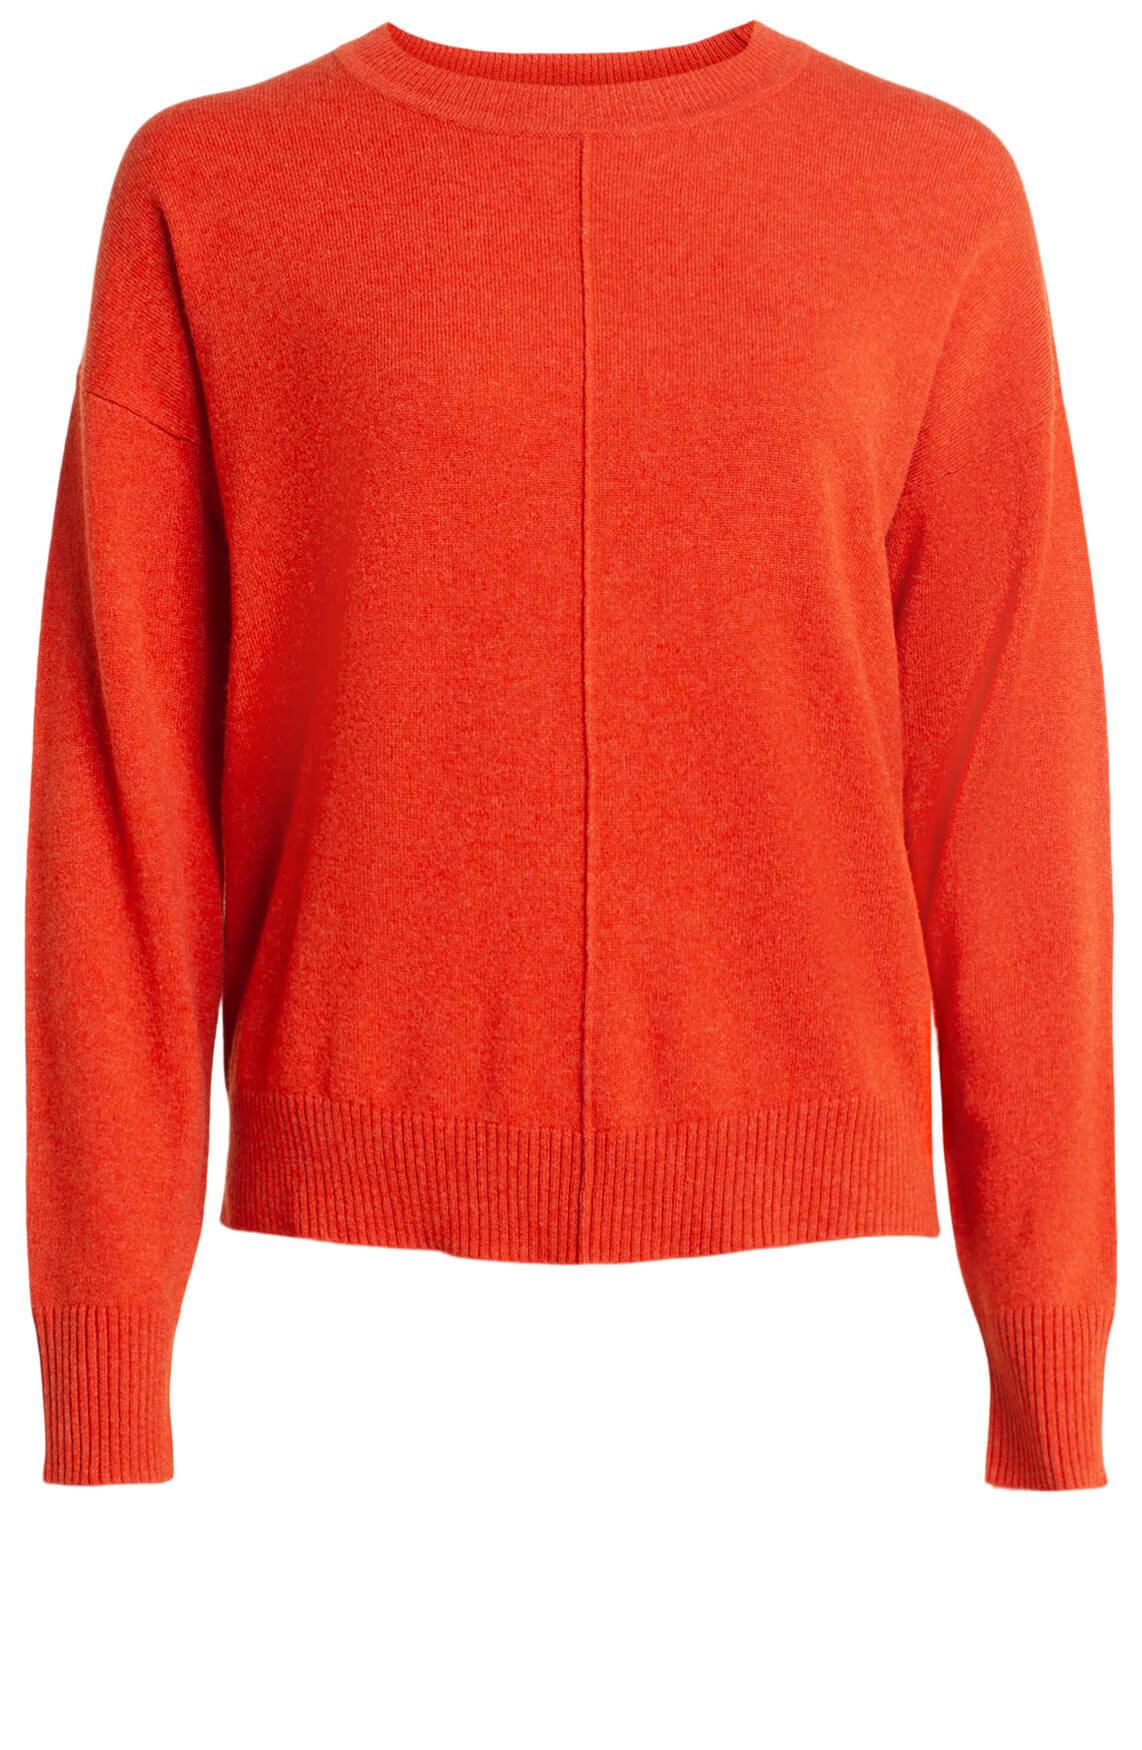 Anna Dames Cashmere pullover Oranje